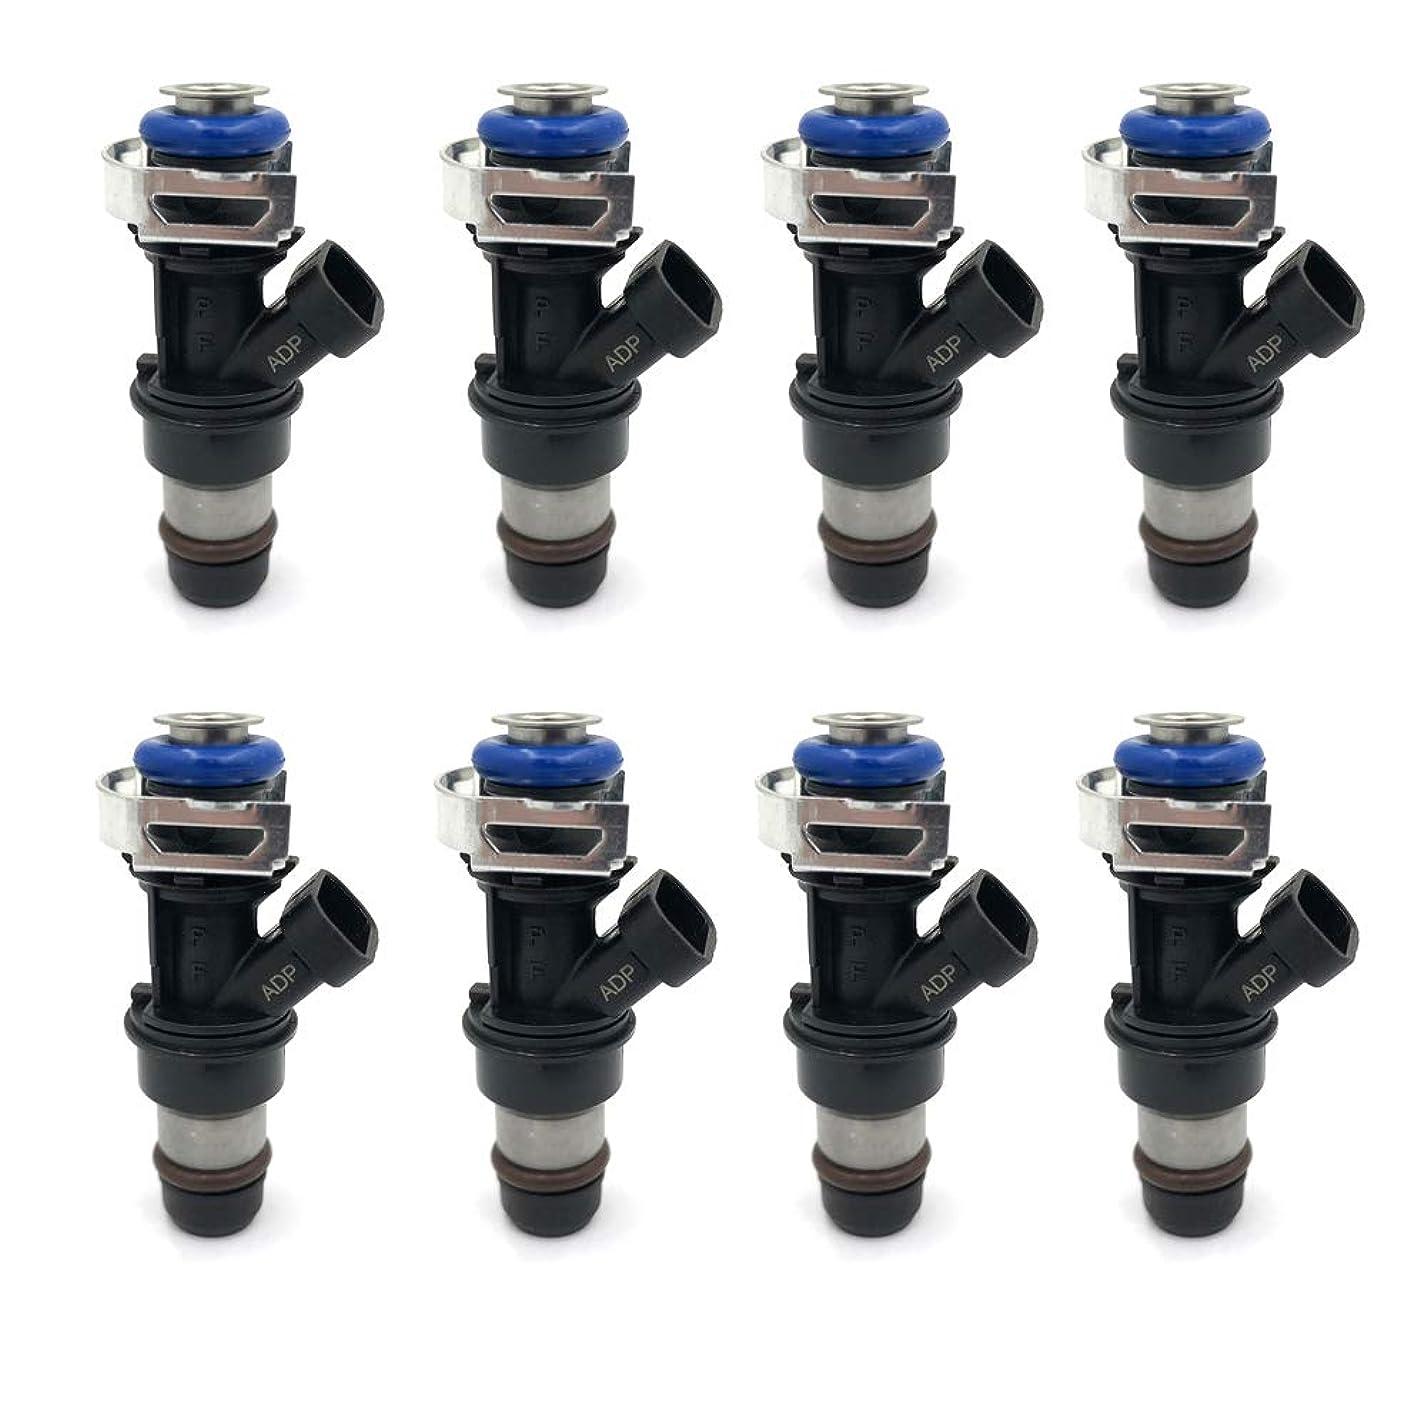 8pcs Fuel injectors 4 Holes for 2001-2007 GMC Sierra Chevy Chevrolet Silverado 1500 2500 3500 Cadillac V8 4.8L 5.3L 6.0L 17113698 FJ10062 up90685483